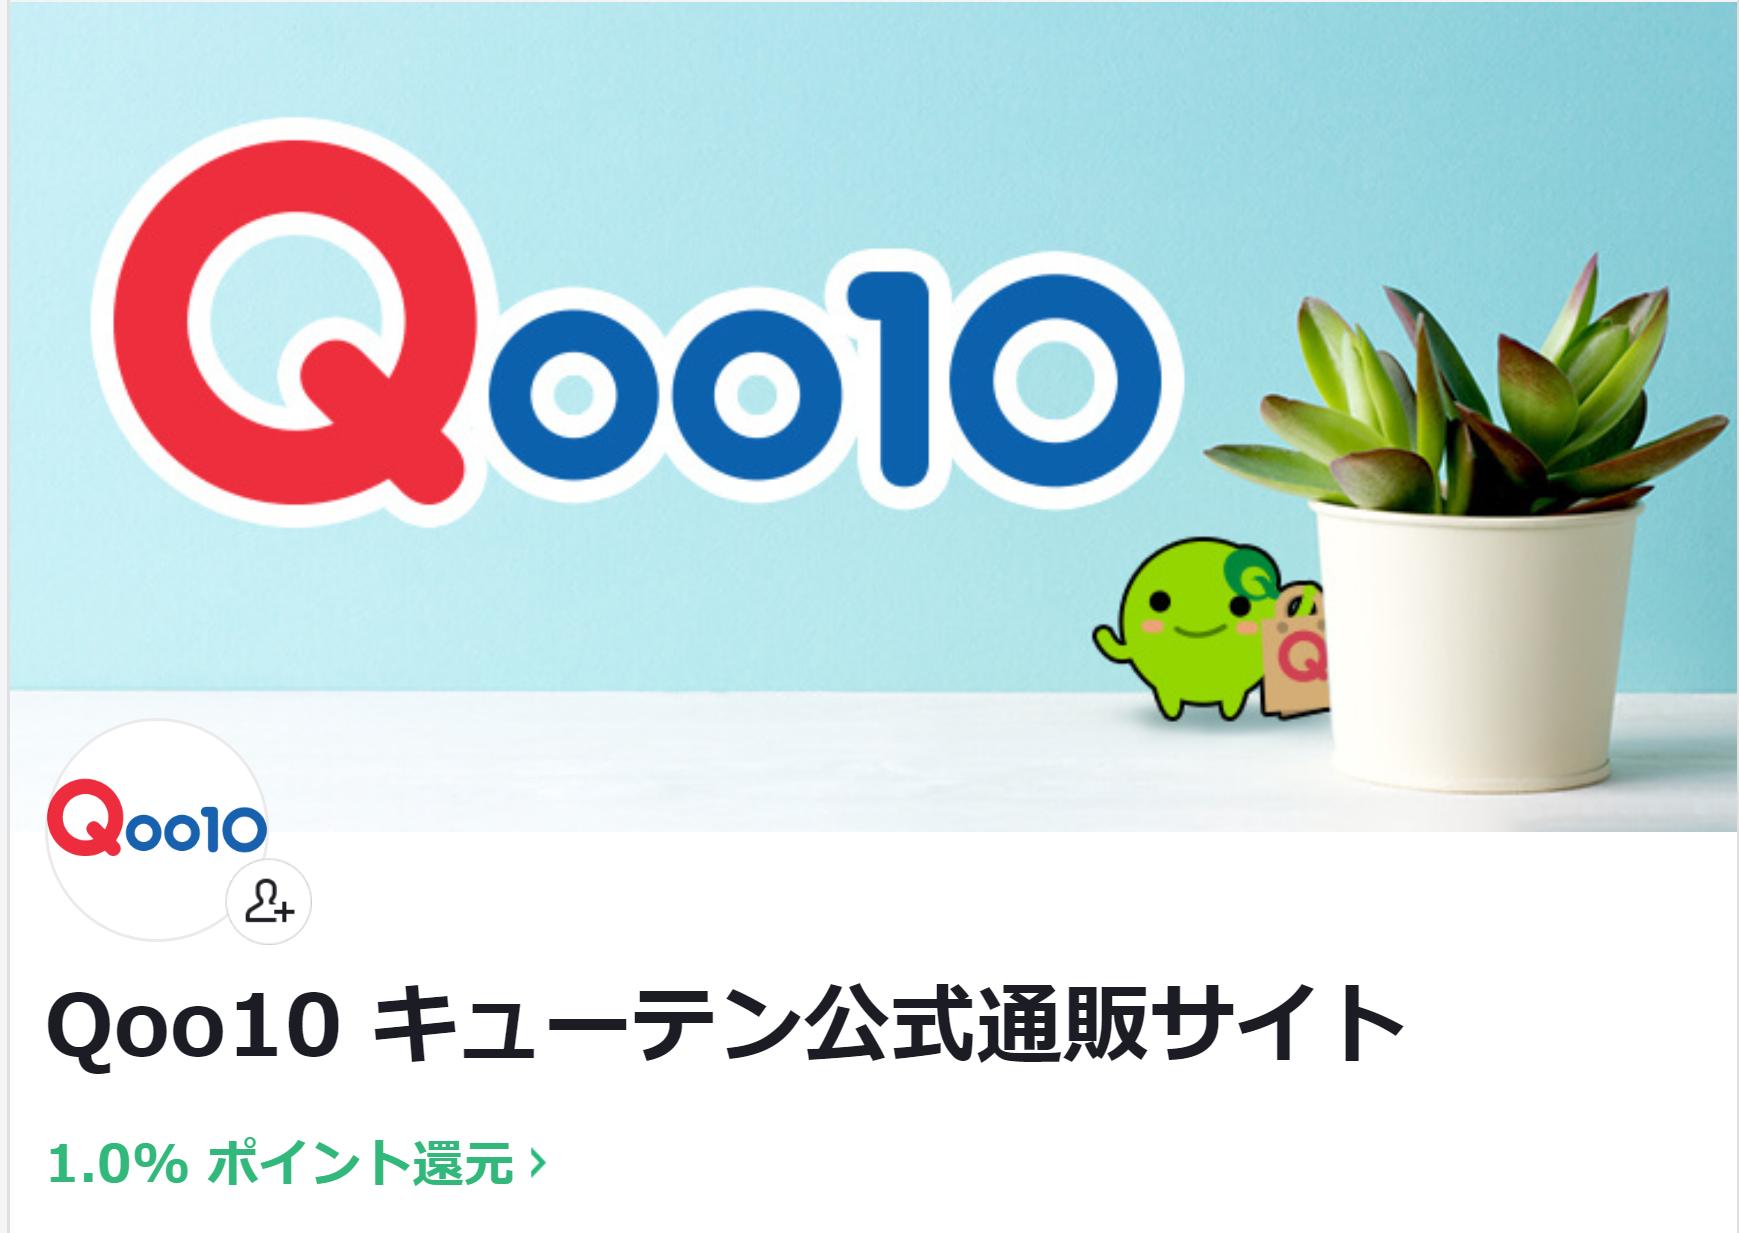 LINEショッピング 特別優待キャンペーン 10% ポイント せどり Qoo10